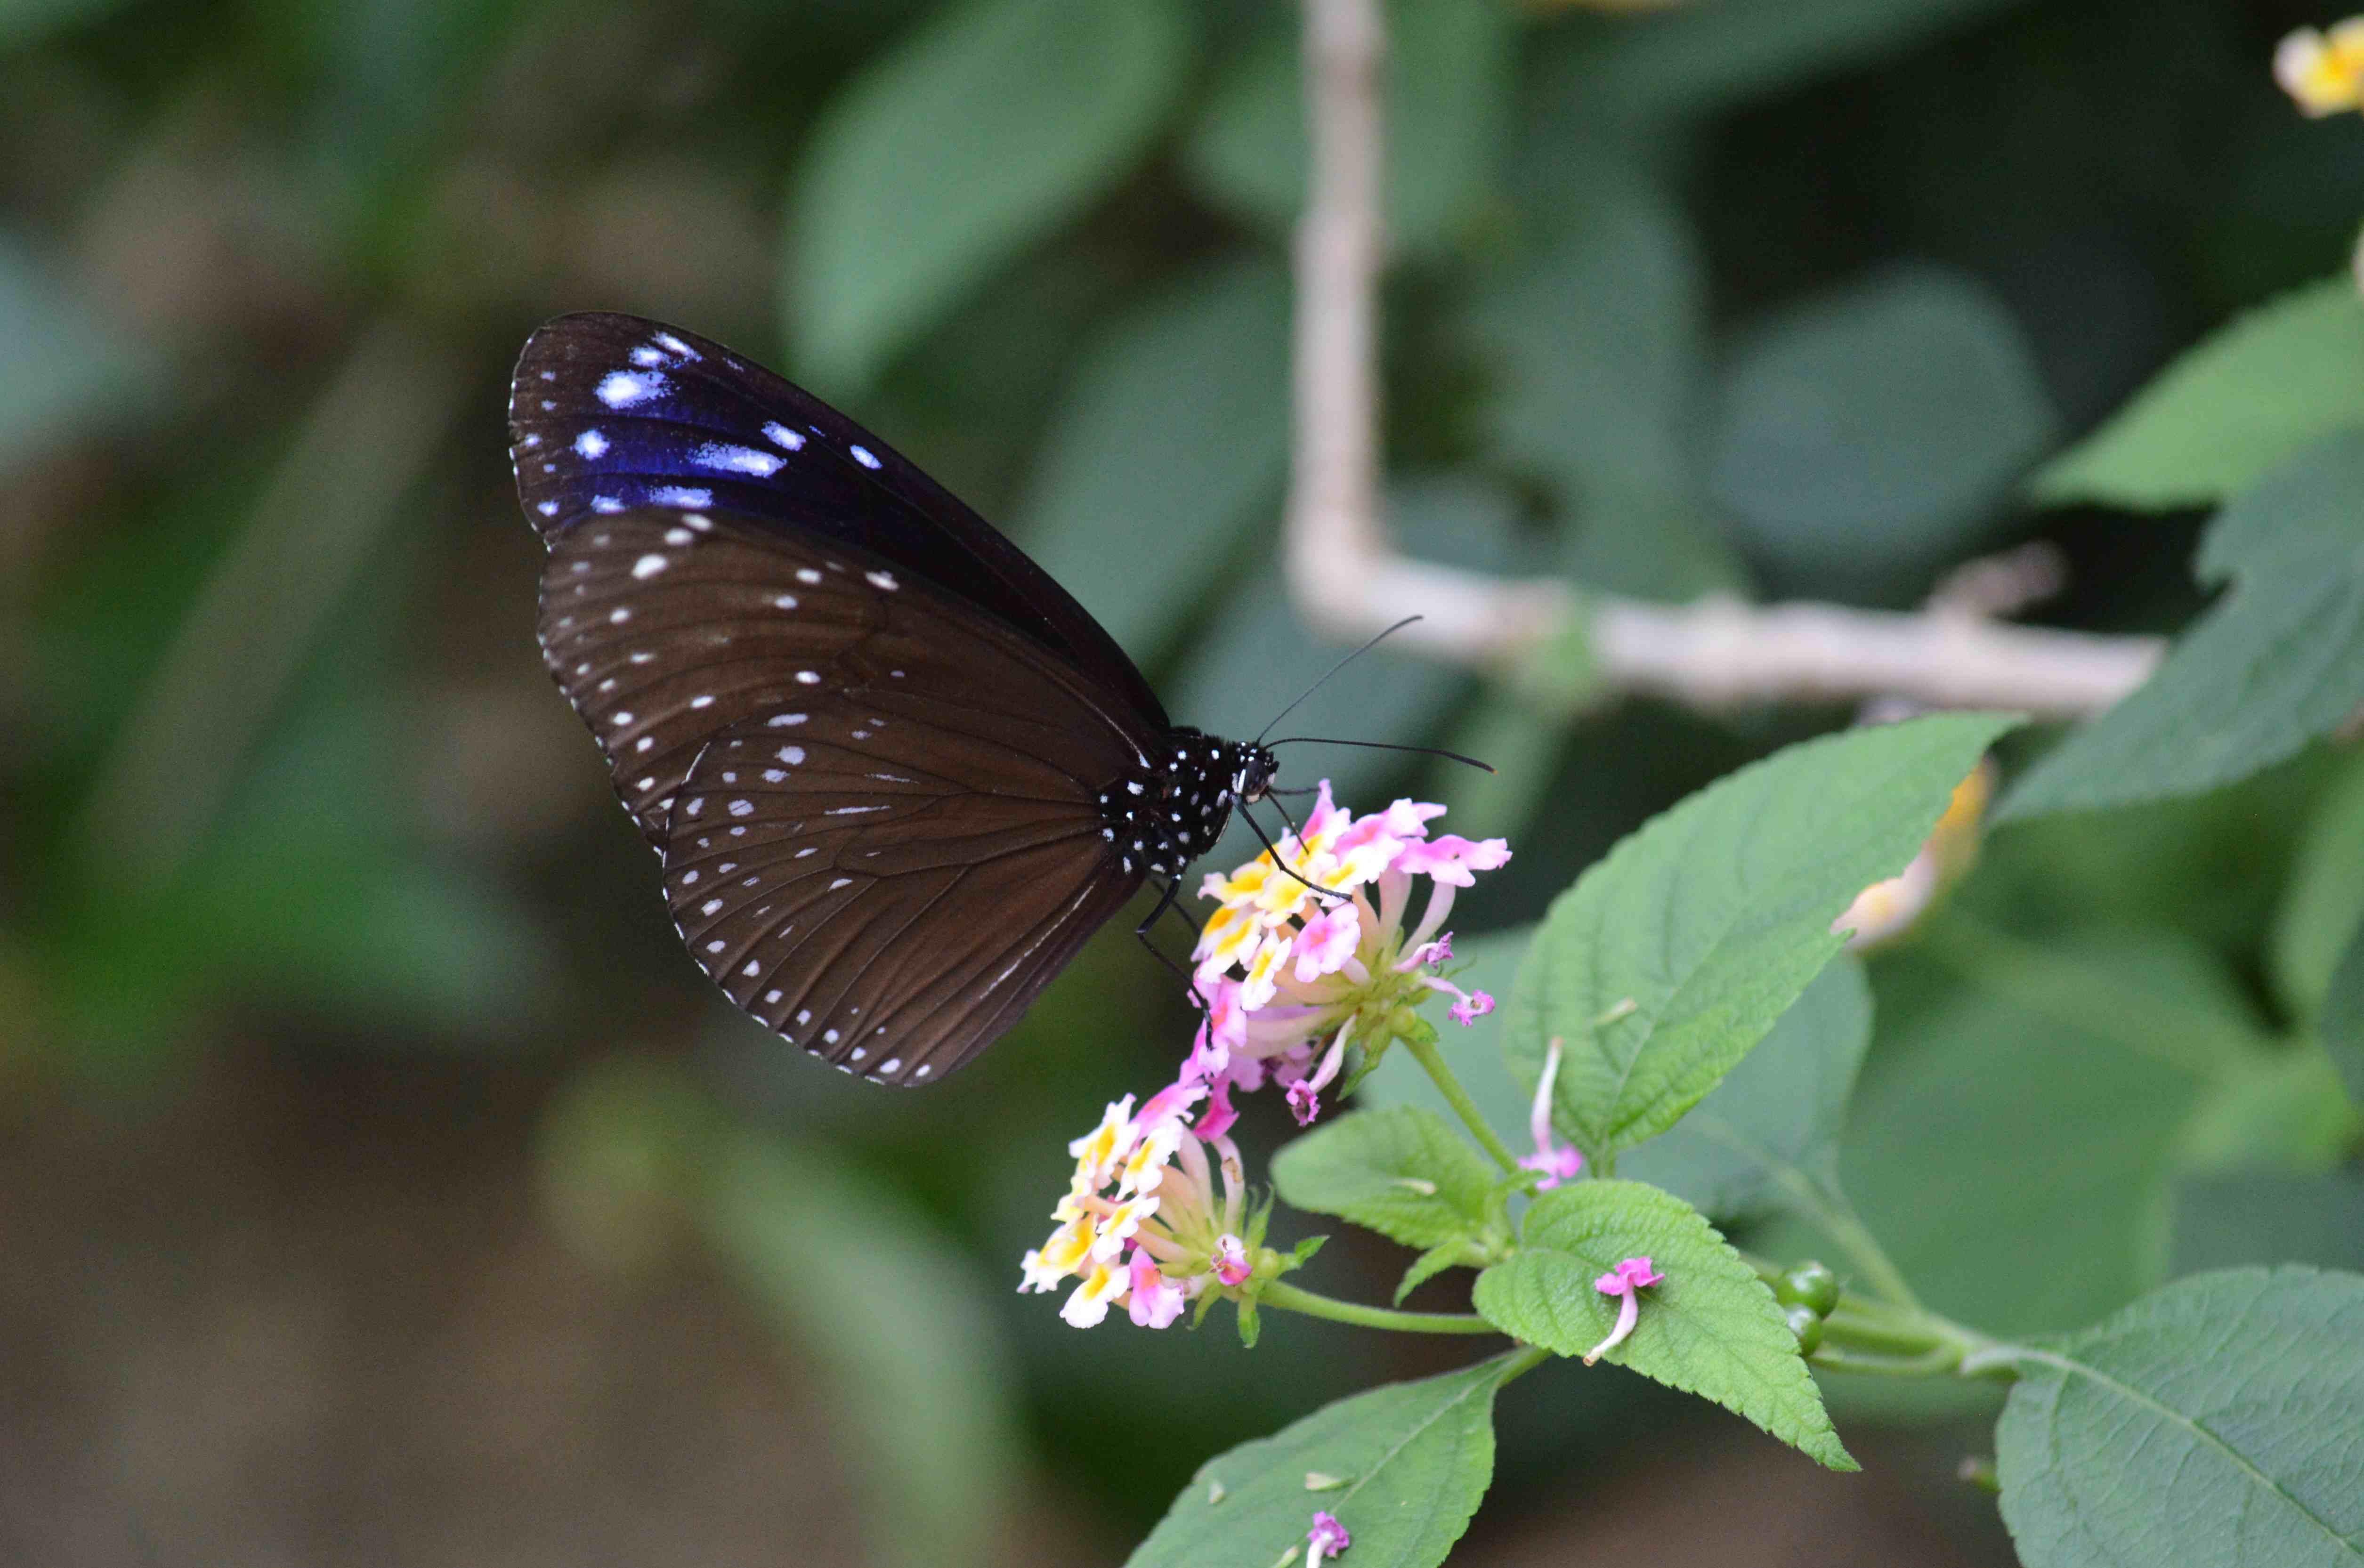 オオゴマダラ他 7月18日 多摩動物園にて_d0254540_1825563.jpg